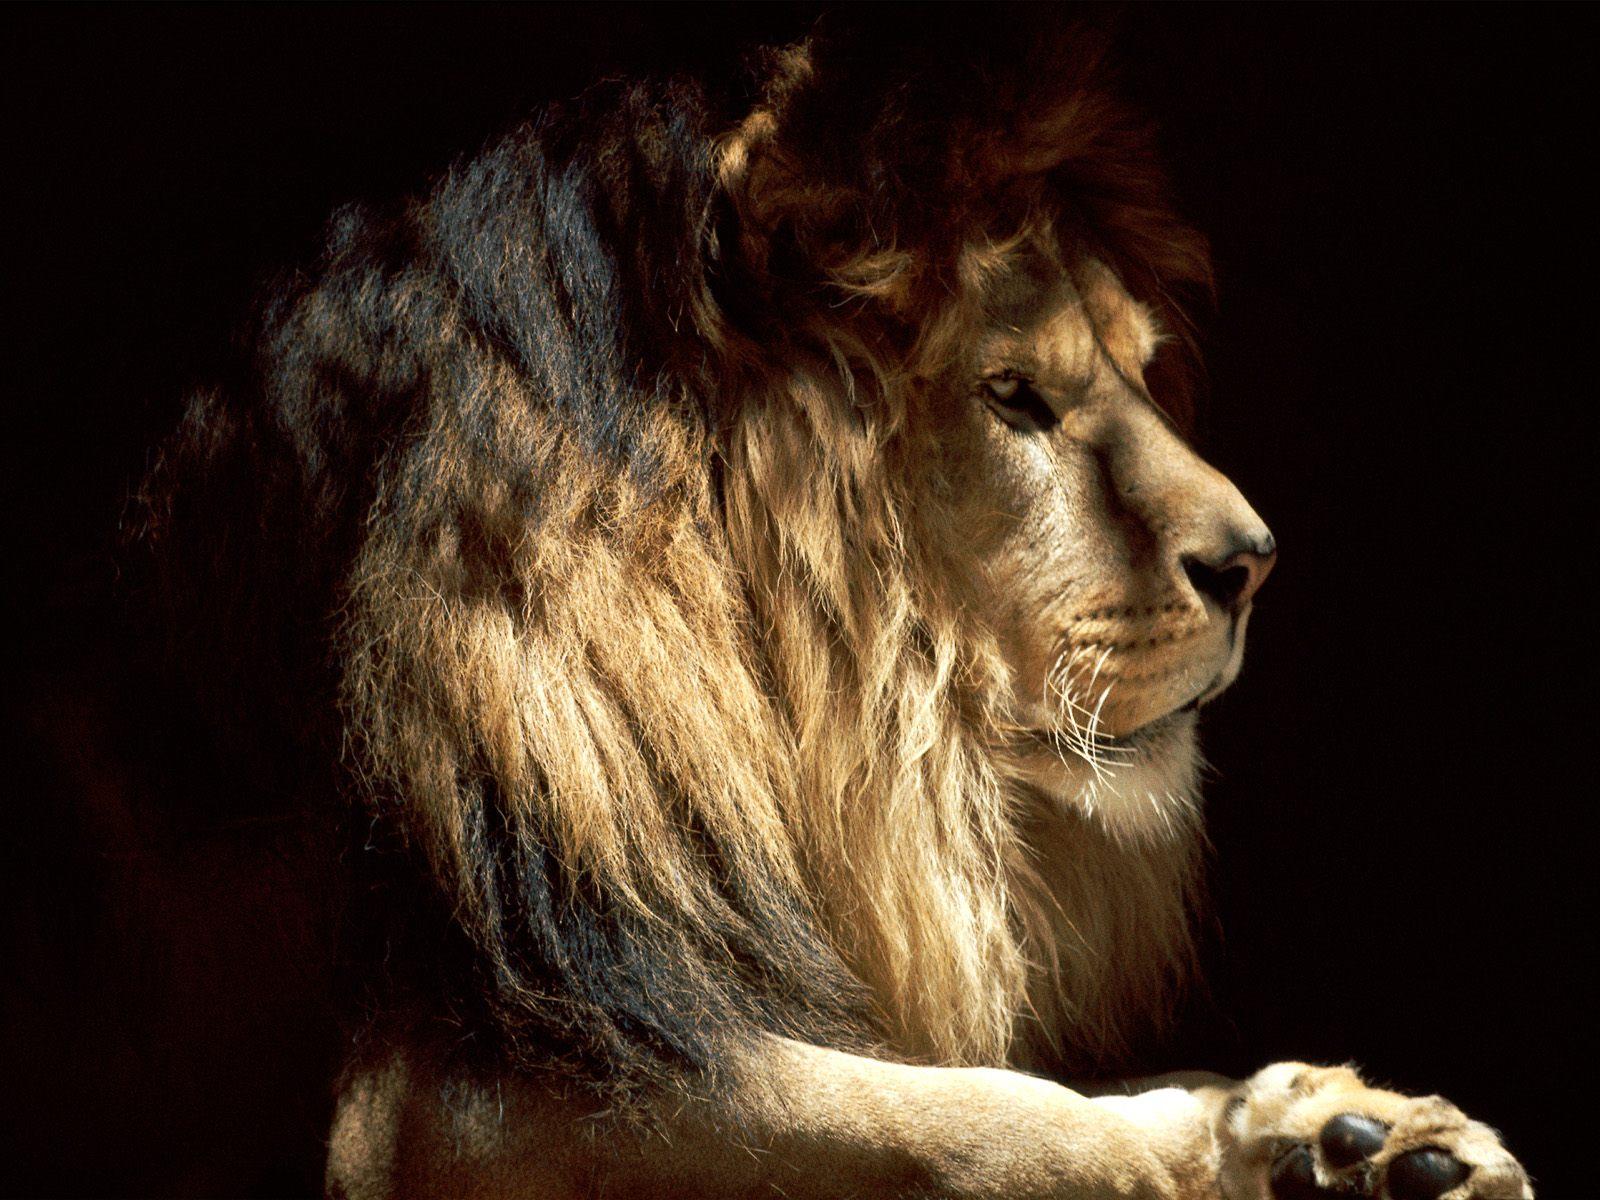 http://2.bp.blogspot.com/-BQnbKw9GpCo/UDFYcSx415I/AAAAAAAABH0/cd1s0hkn-KM/s1600/animal_0126.jpg